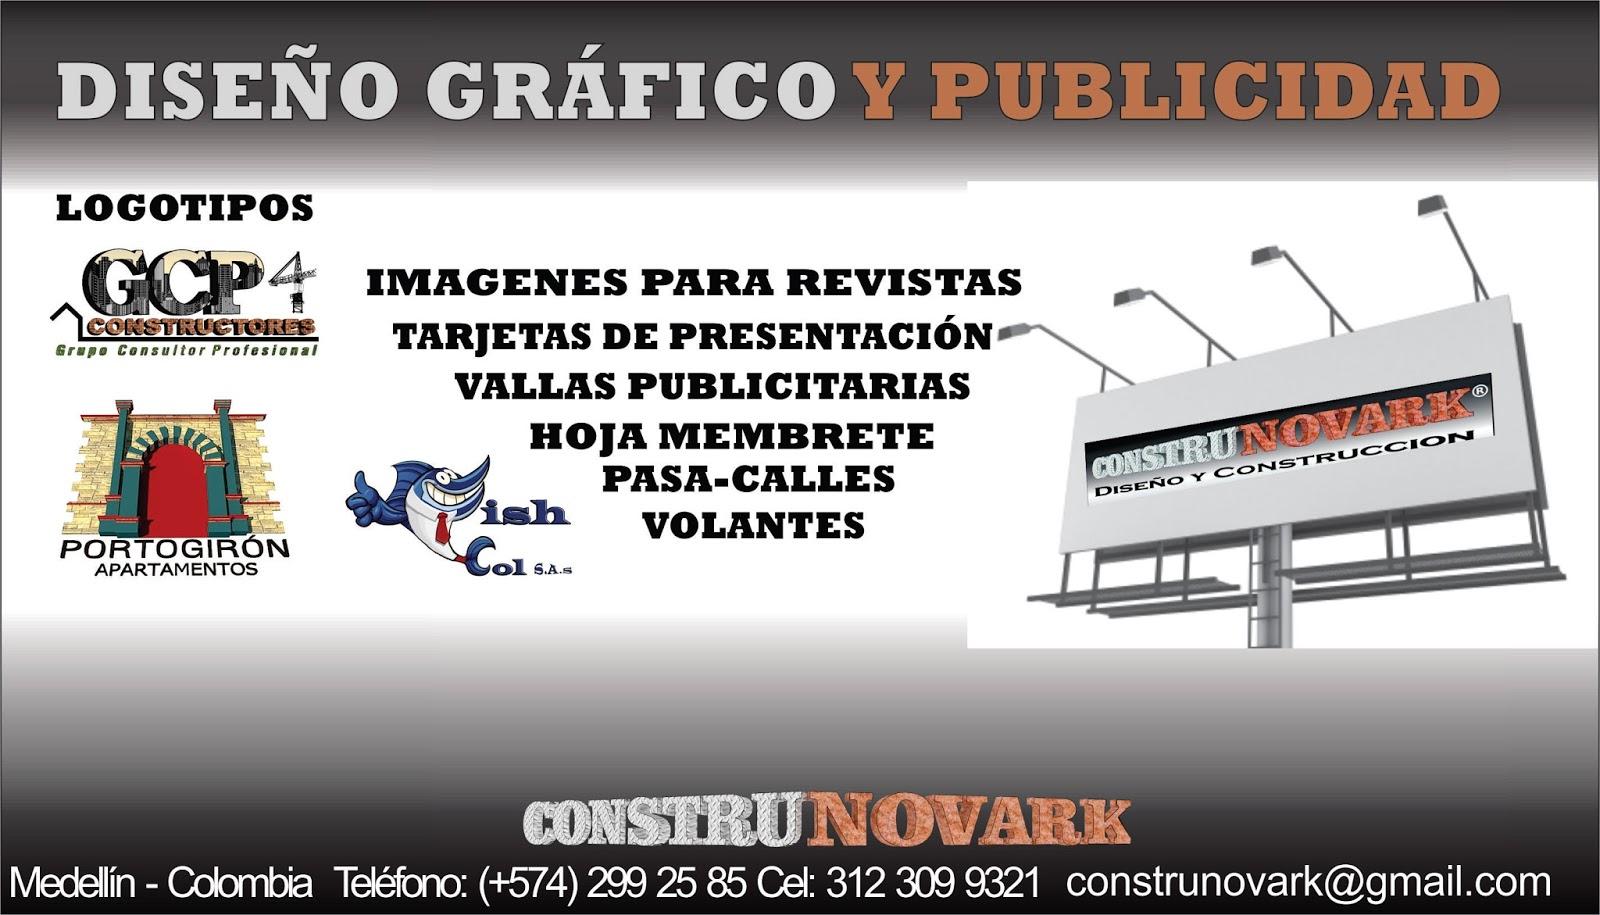 DISEÑO GRAFICO Y PUBLICIDAD